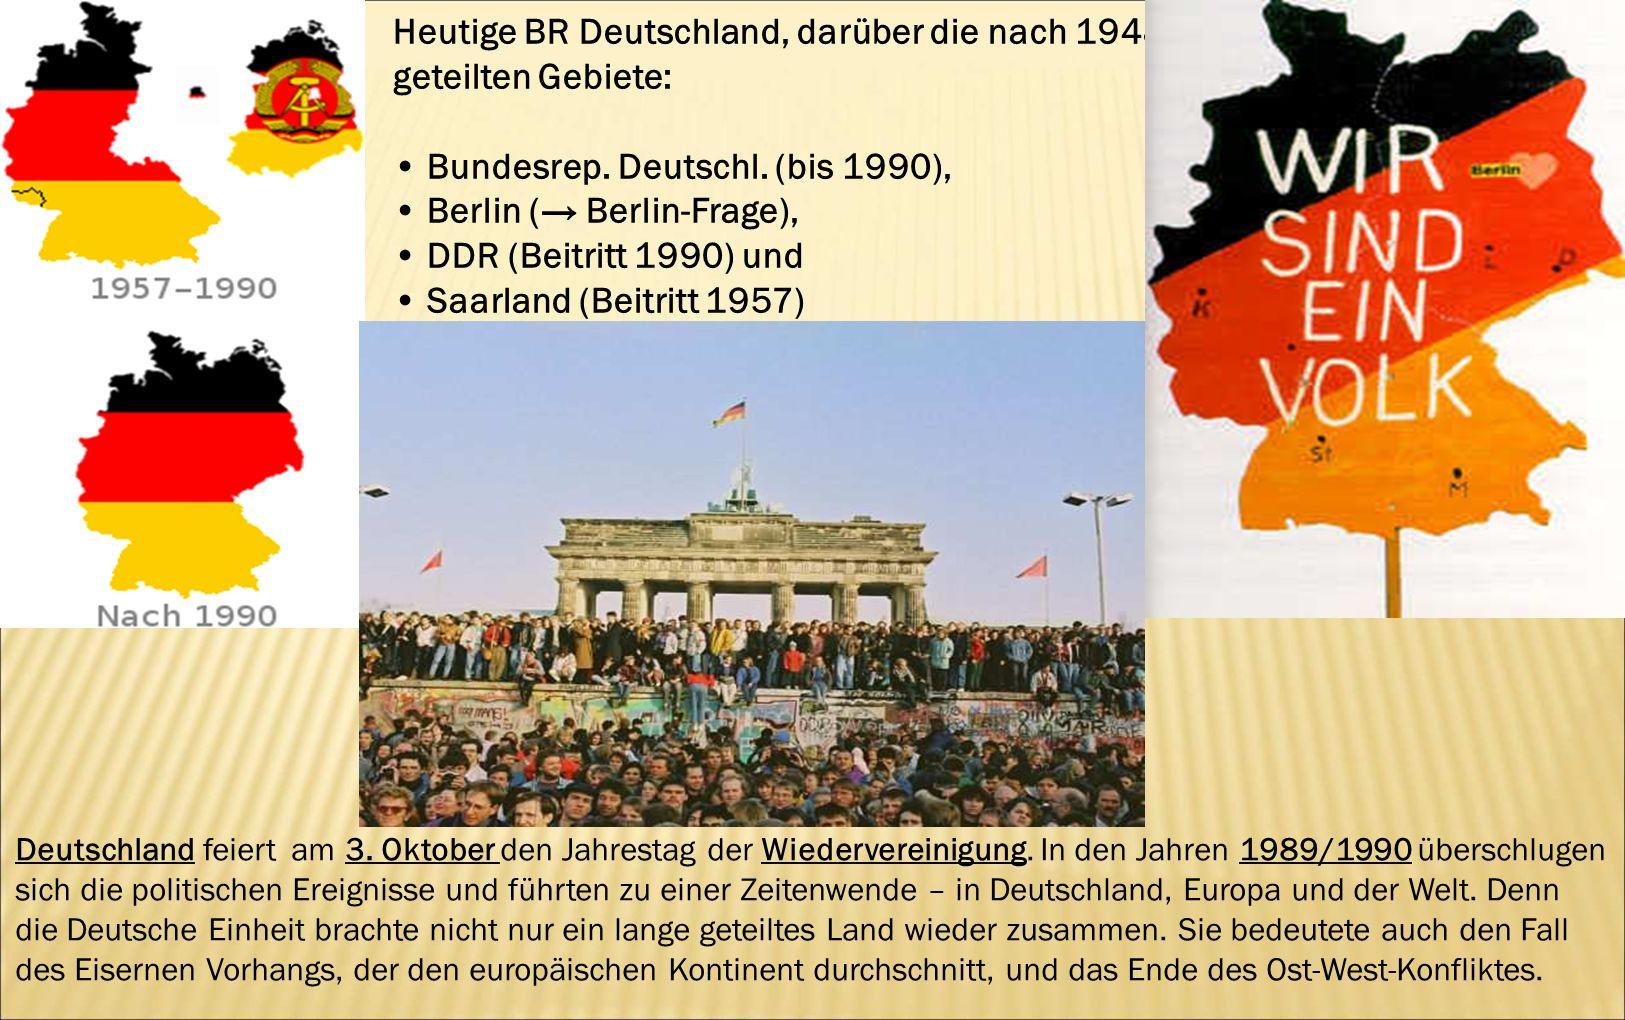 Heutige BR Deutschland, darüber die nach 1948 geteilten Gebiete: Bundesrep. Deutschl. (bis 1990), Berlin ( Berlin-Frage), DDR (Beitritt 1990) und Saar